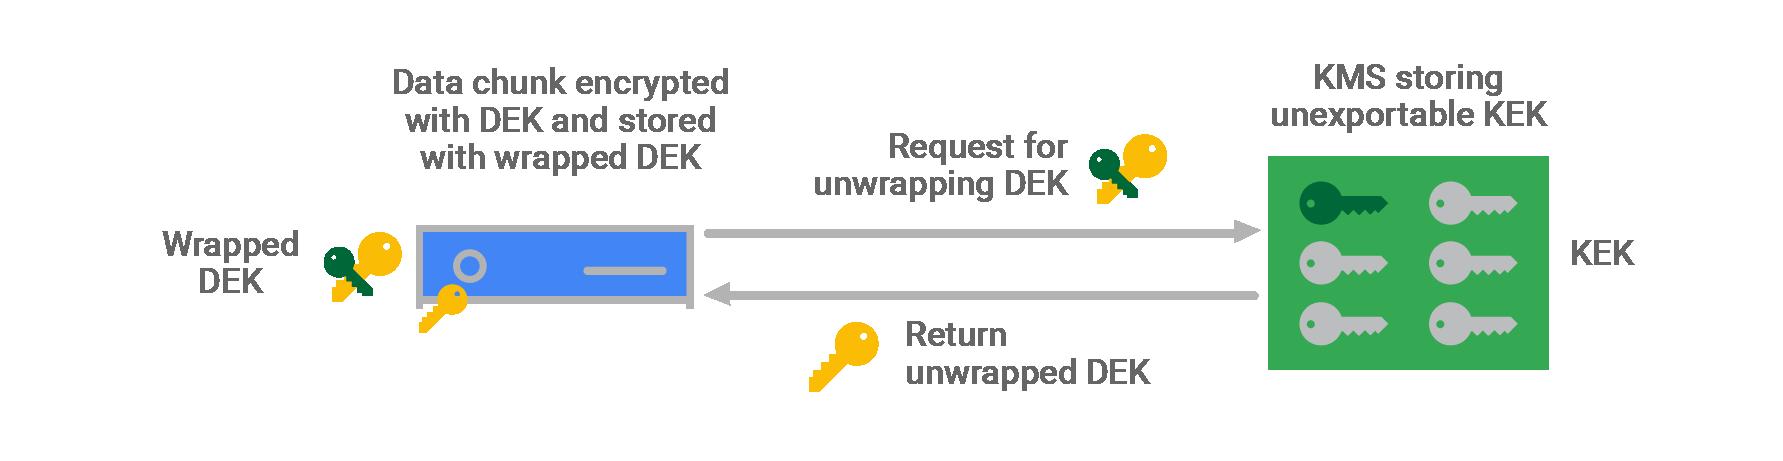 데이터 청크 복호화 다이어그램